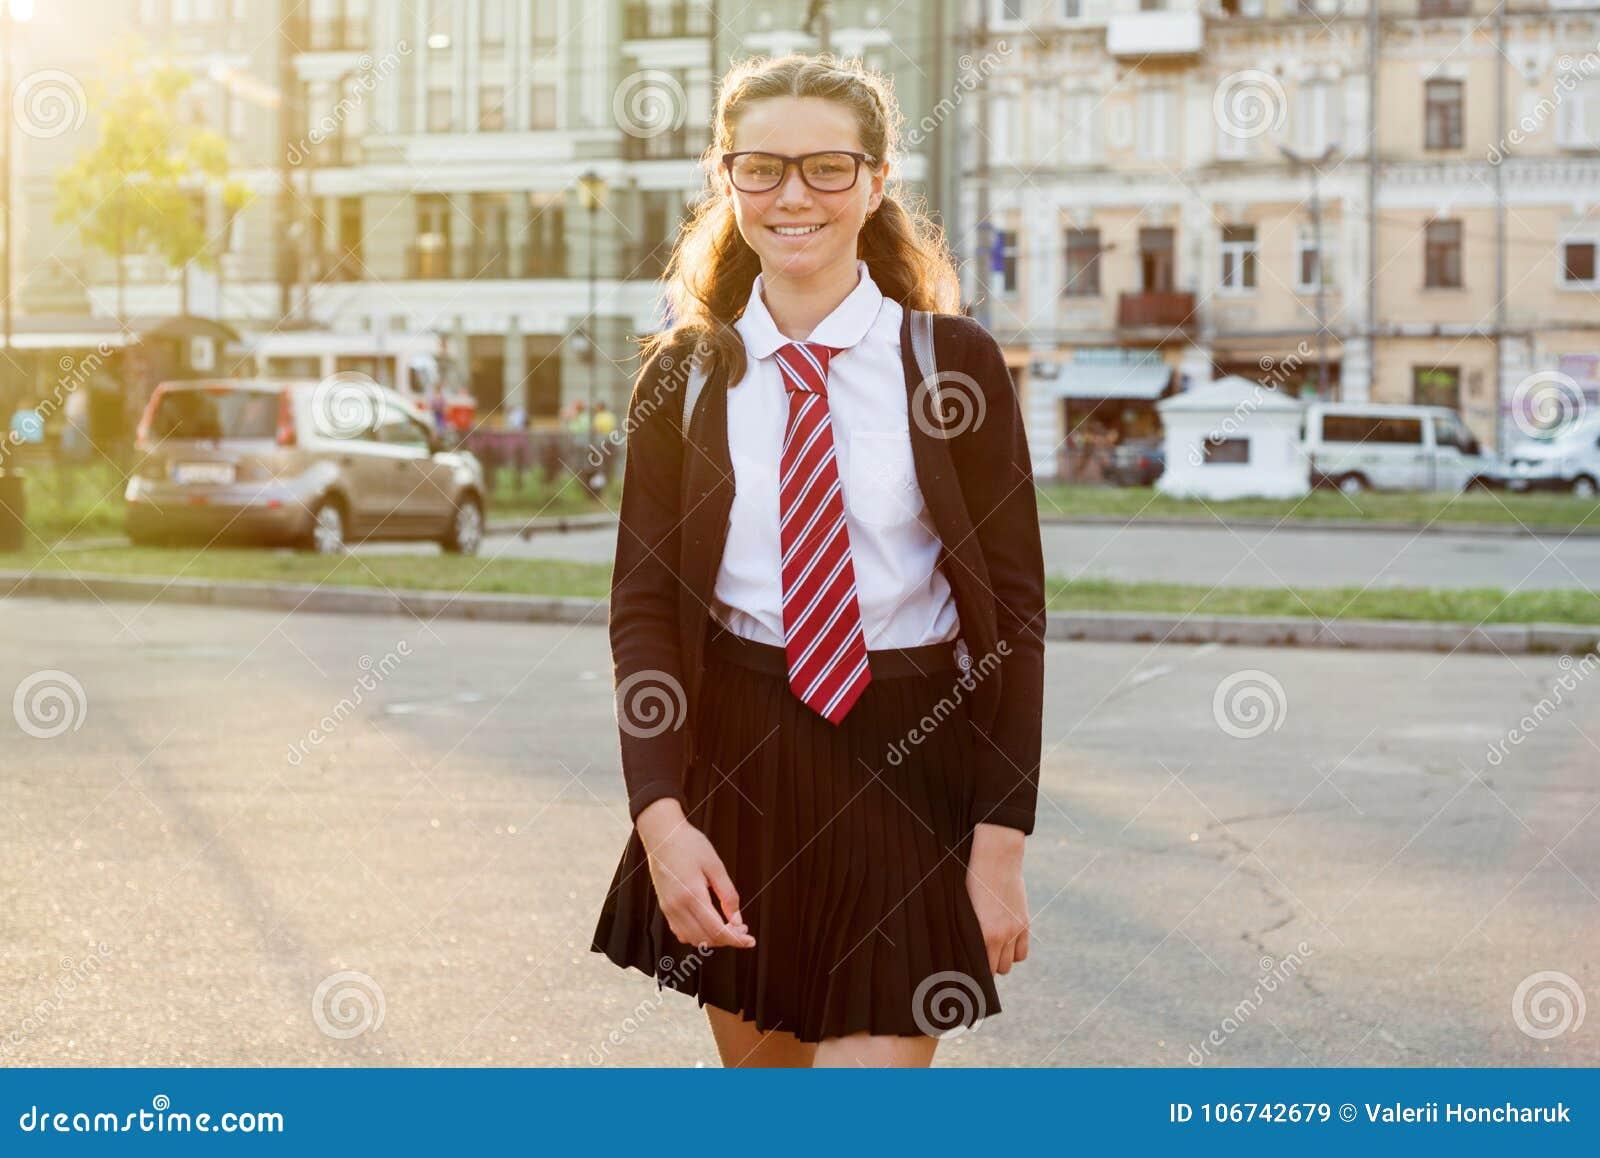 女孩少年城市街道的高中学生